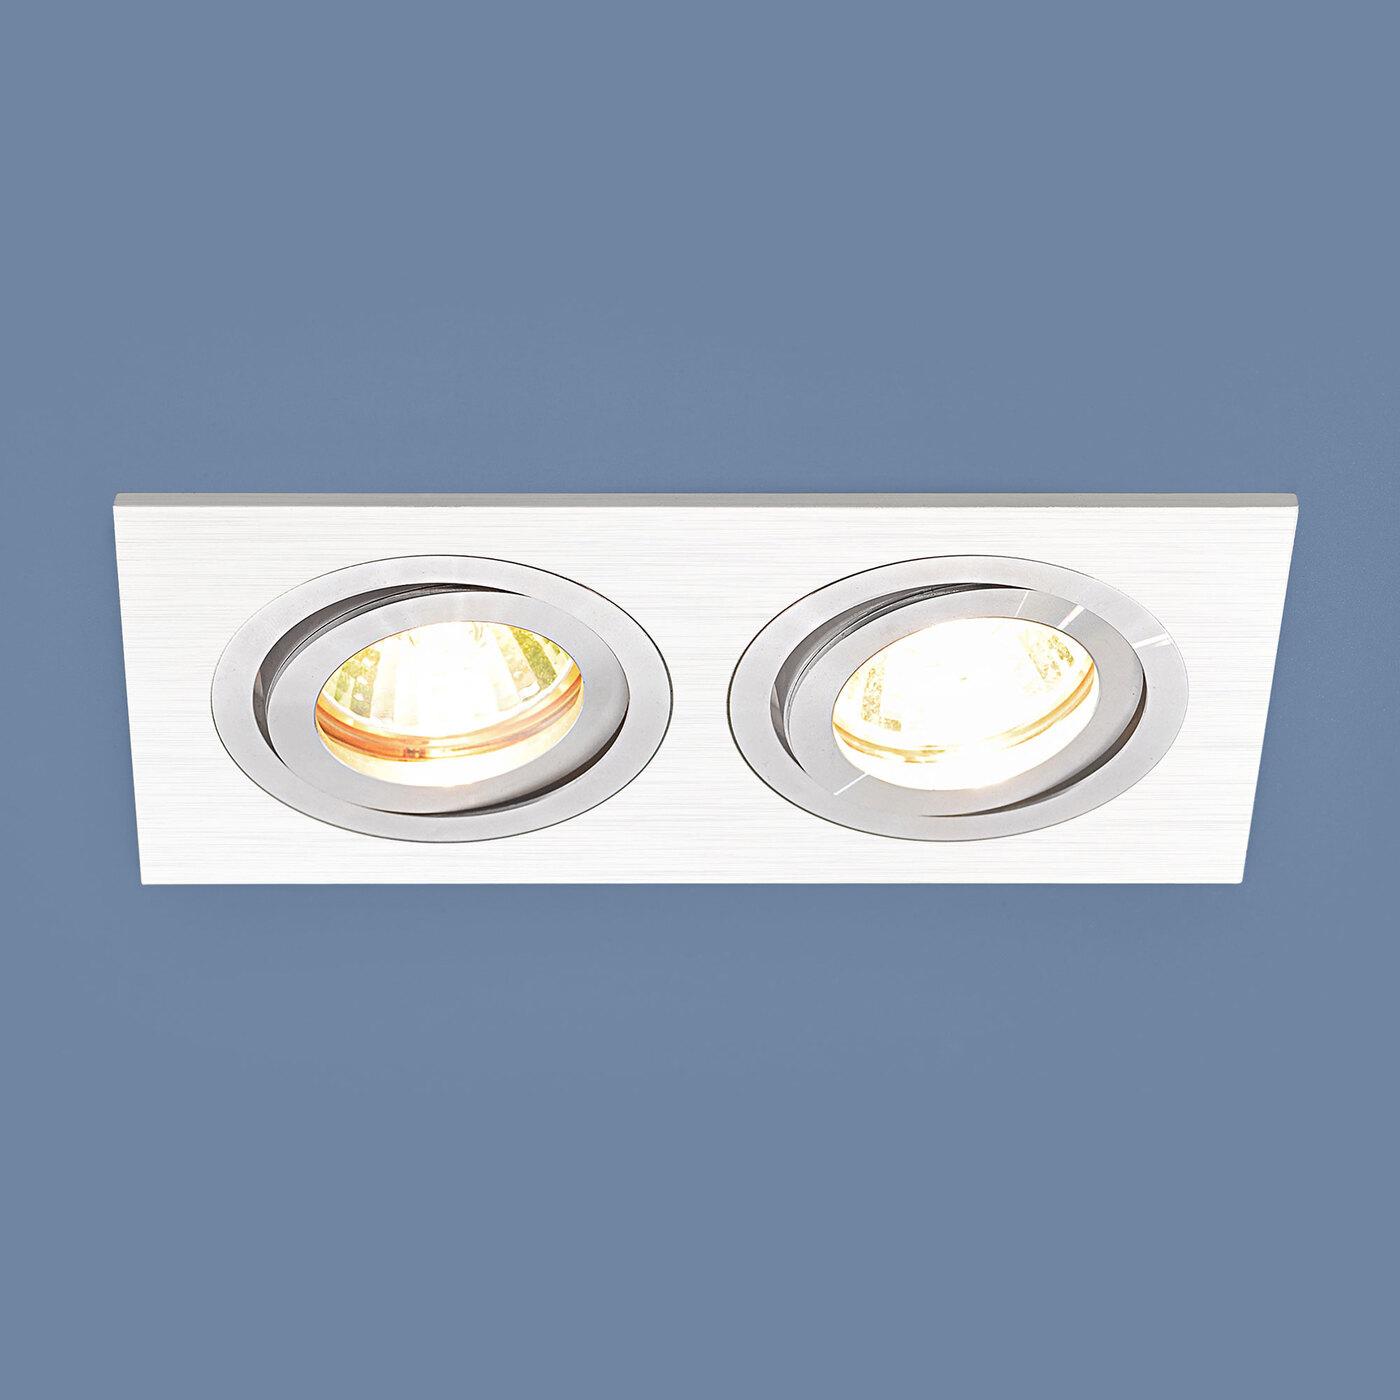 Встраиваемый светильник Elektrostandard Точечный с белой шлифованной поверхностью 1051/2 WH, G5.3 fede fd1005cop квадратный точечный светильникиз латуни золото с белой патиной